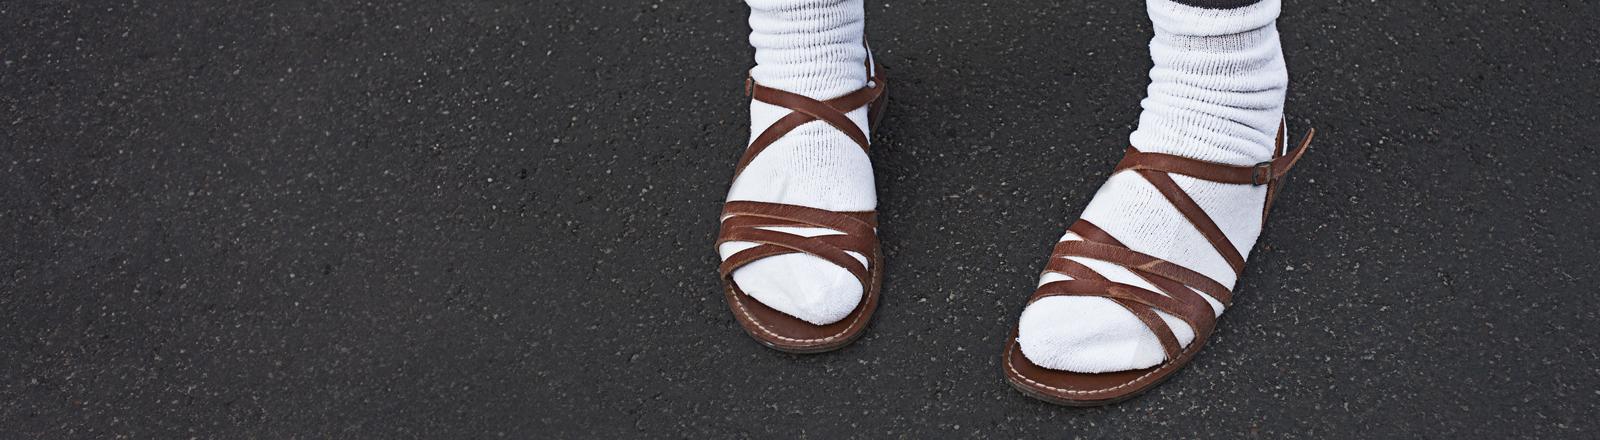 Normcore - Modetrend oder No-Go? Weiße Tennissocken in Sandalen